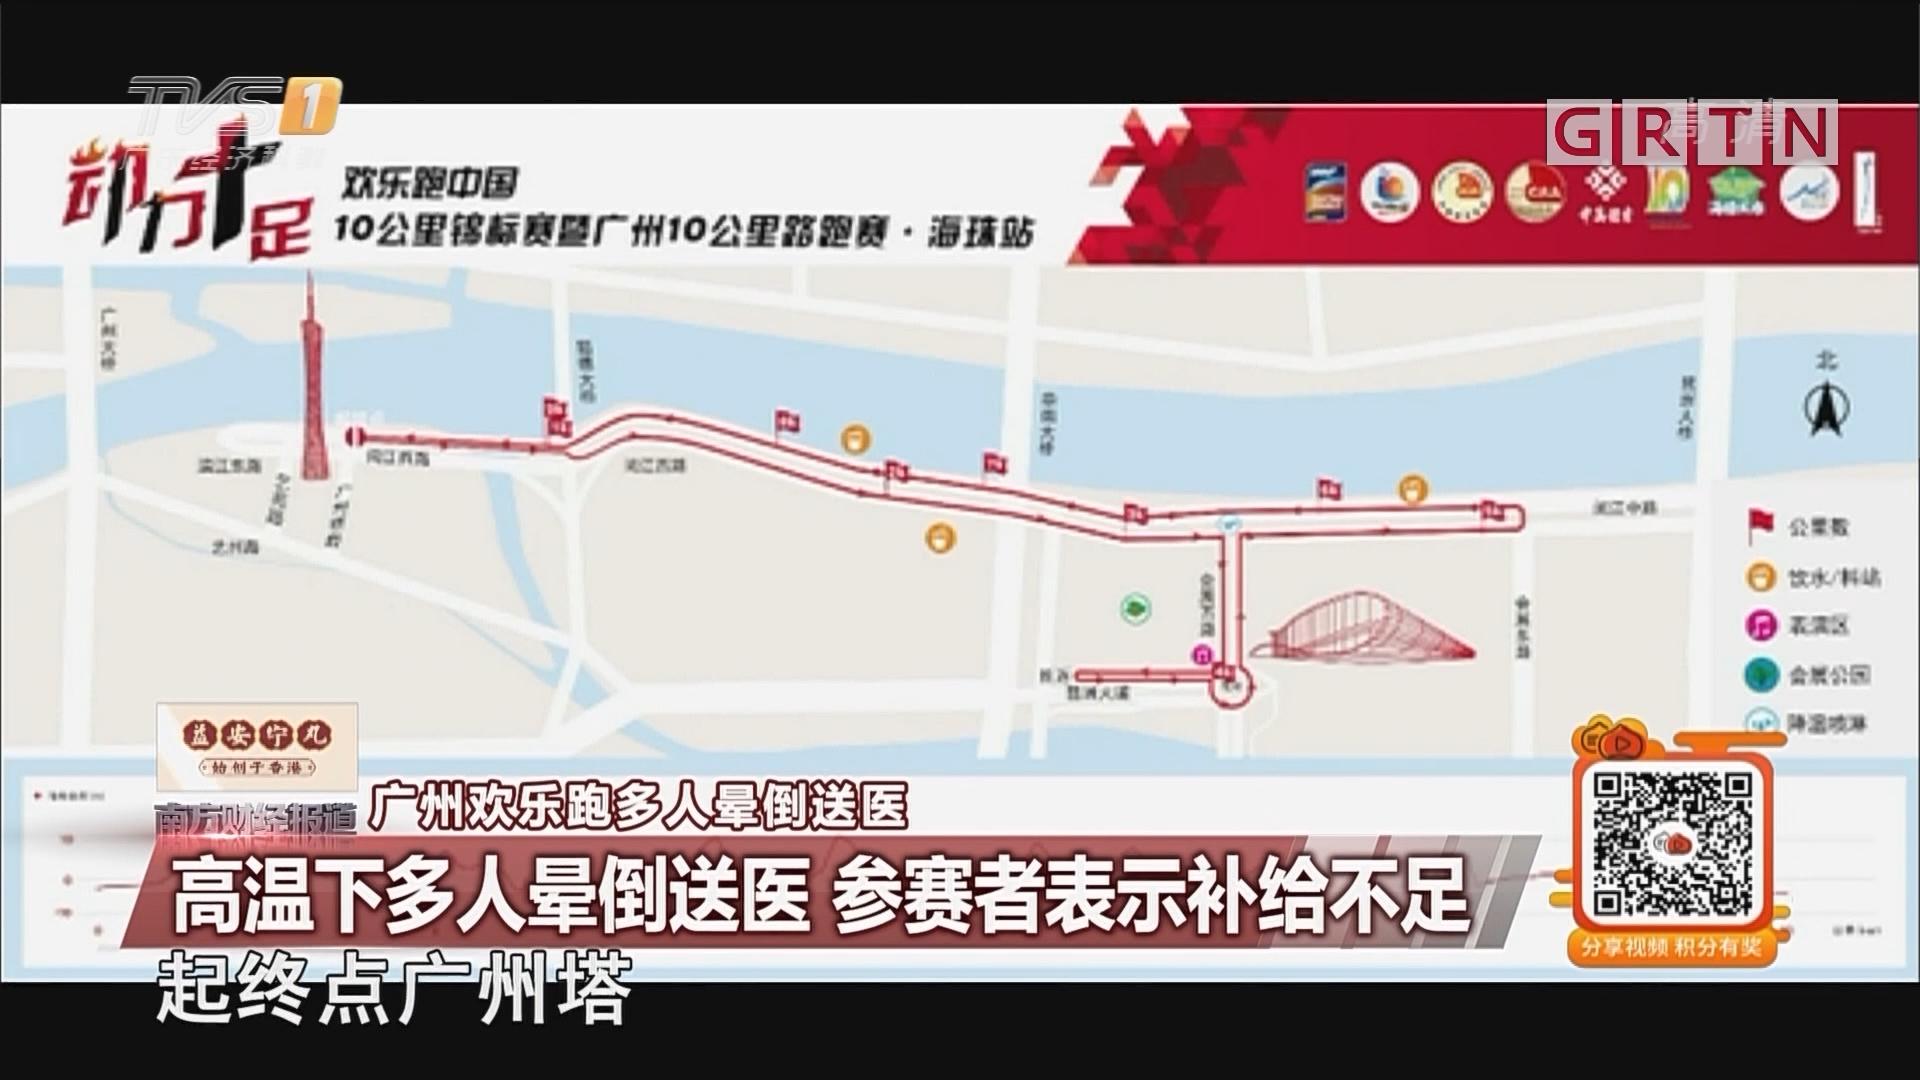 广州欢乐跑多人晕倒送医:高温下多人晕倒送医 参赛者表示补给不足